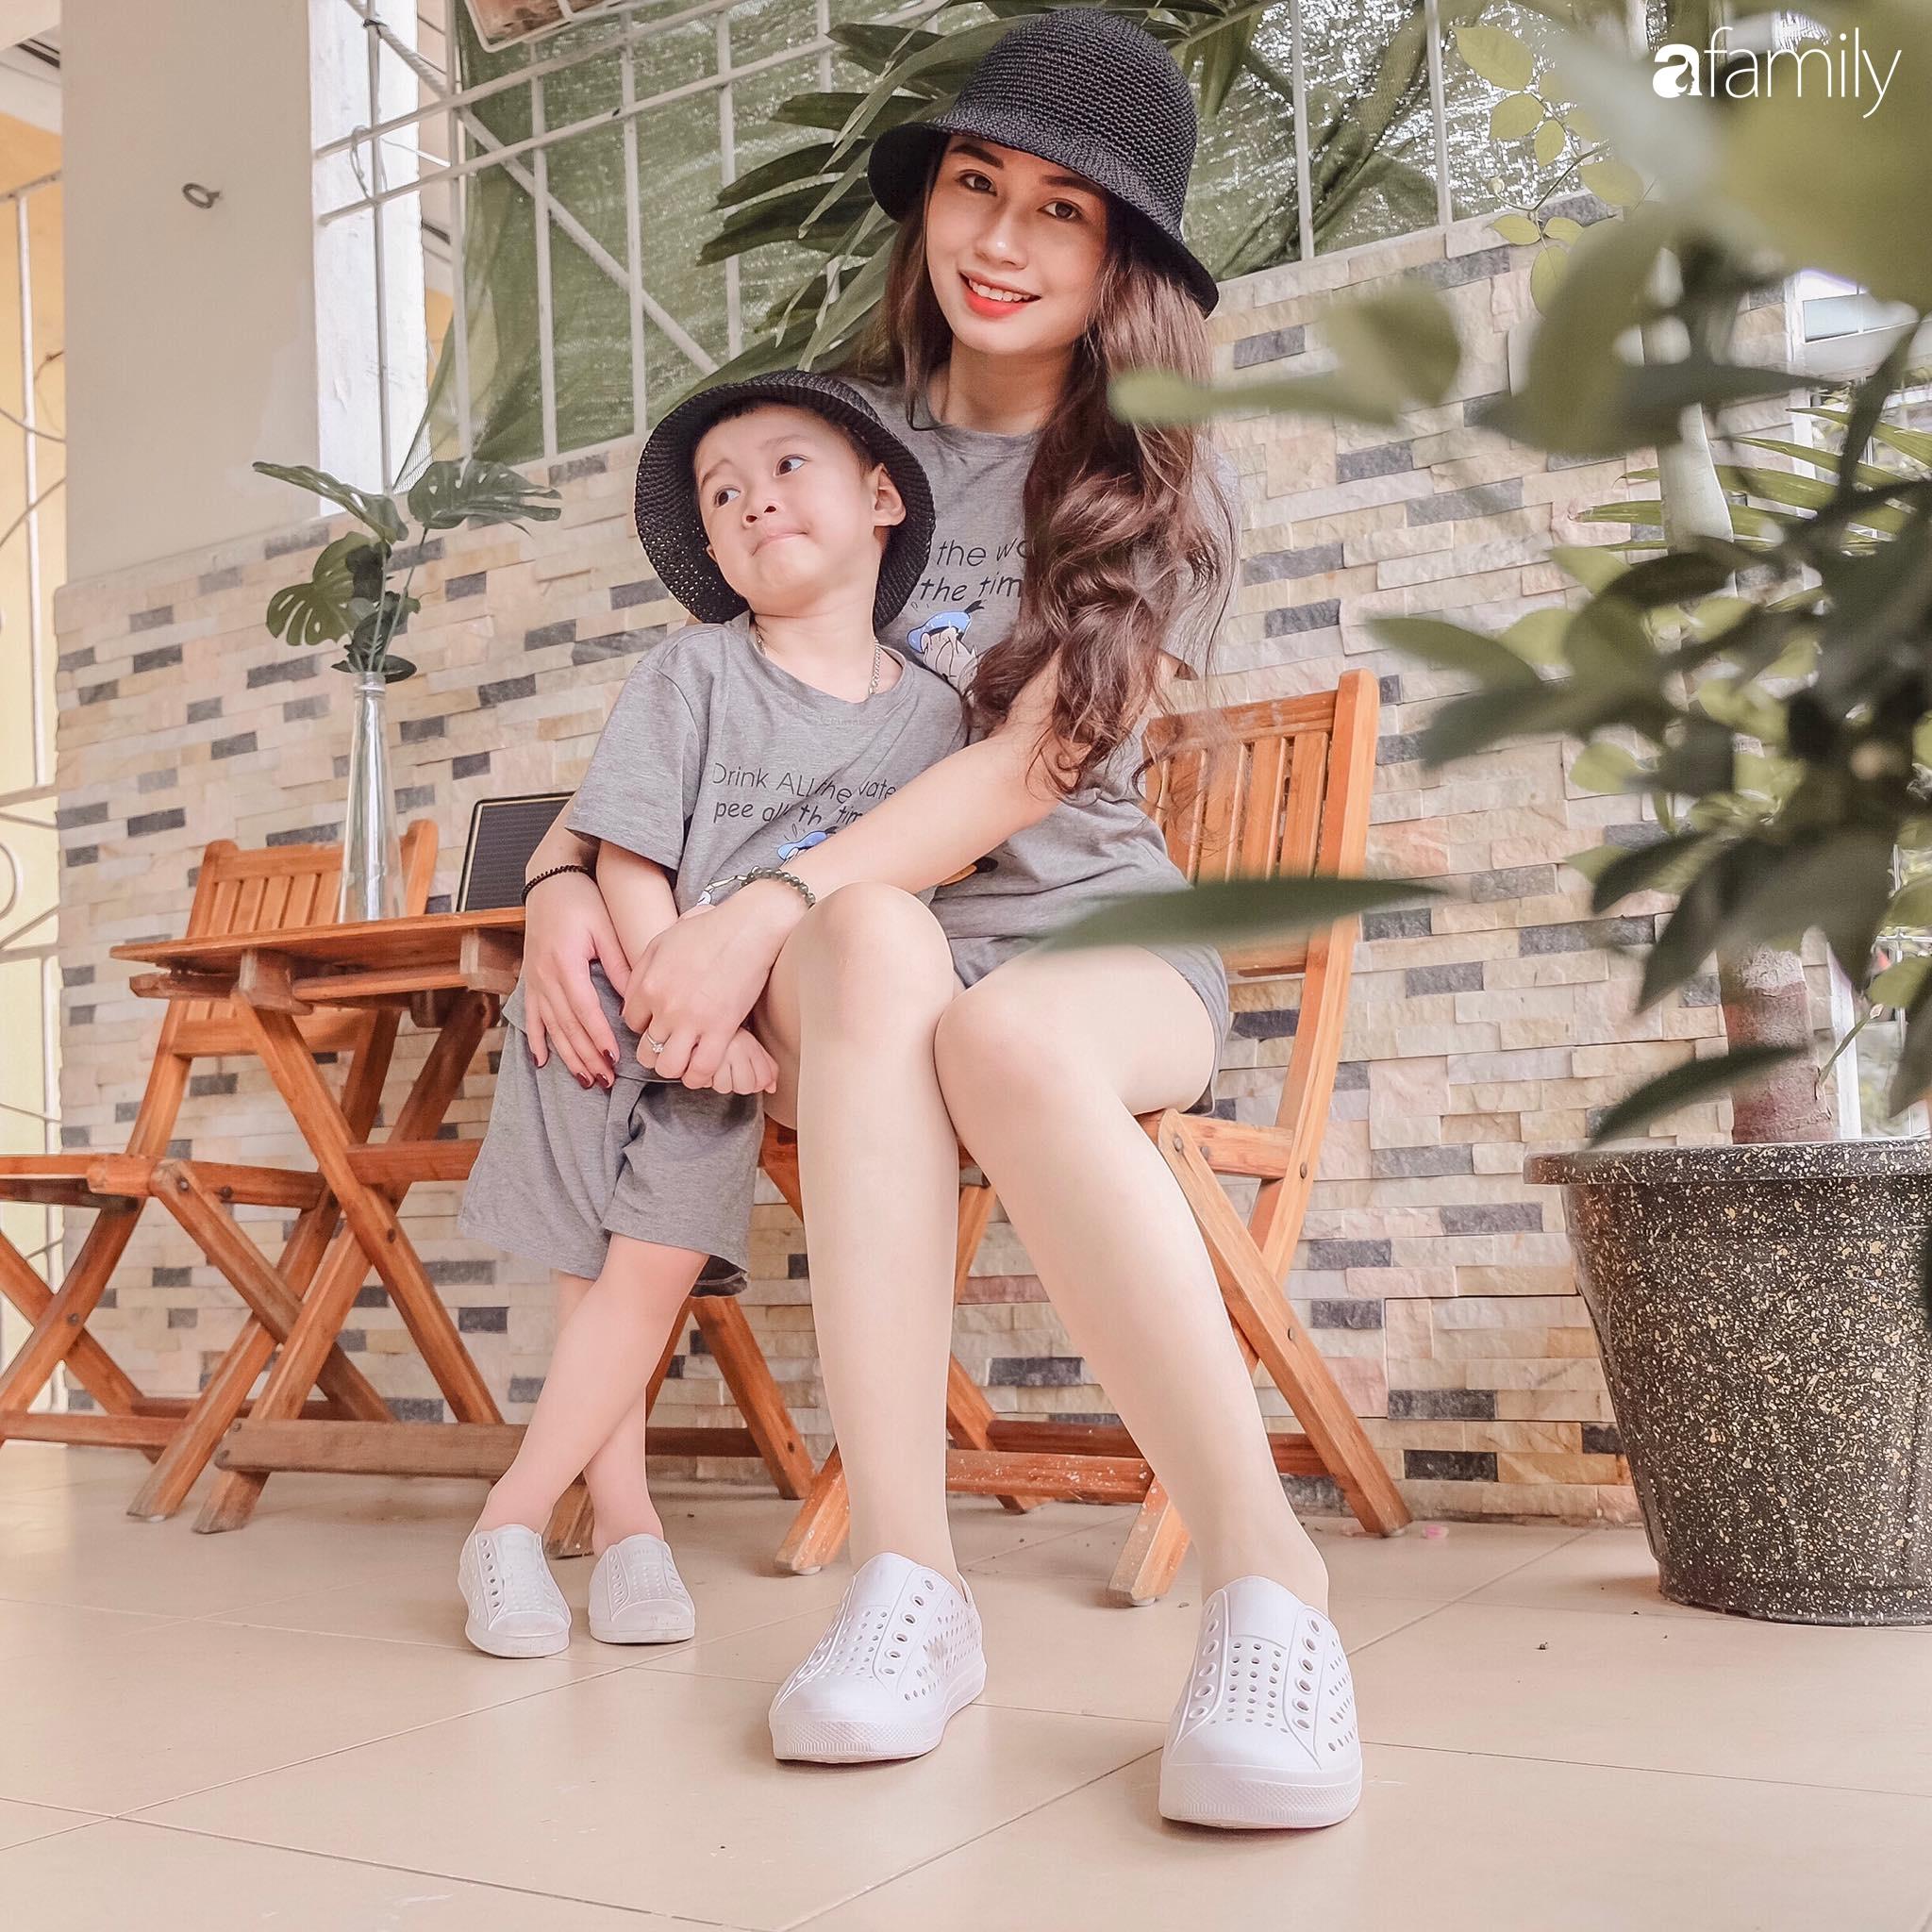 Mẹ trẻ Hà Nội kiếm tiền triệu mùa dịch nhờ móc đồ phụ kiện dễ thương cho mẹ và bé, đã xinh đẹp còn khéo léo khiến chị em mê mệt - Ảnh 6.